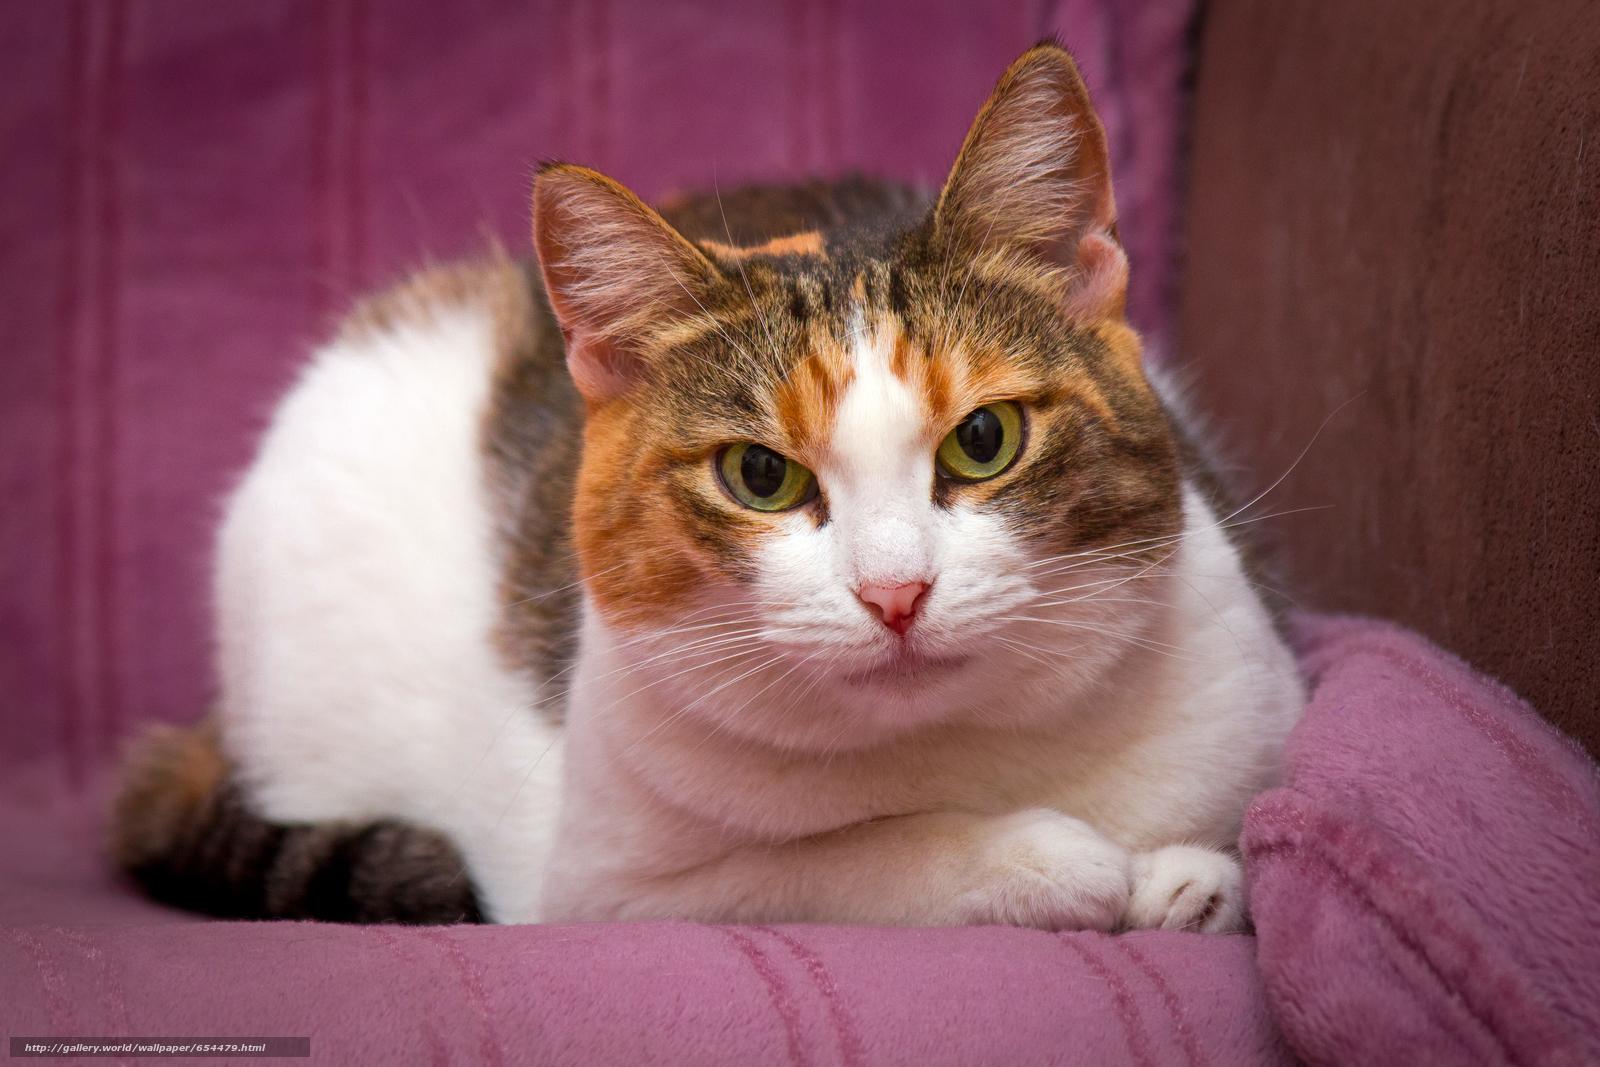 Скачать обои кот,  кошка,  кошки,  фотосессия бесплатно для рабочего стола в разрешении 4728x3152 — картинка №654479